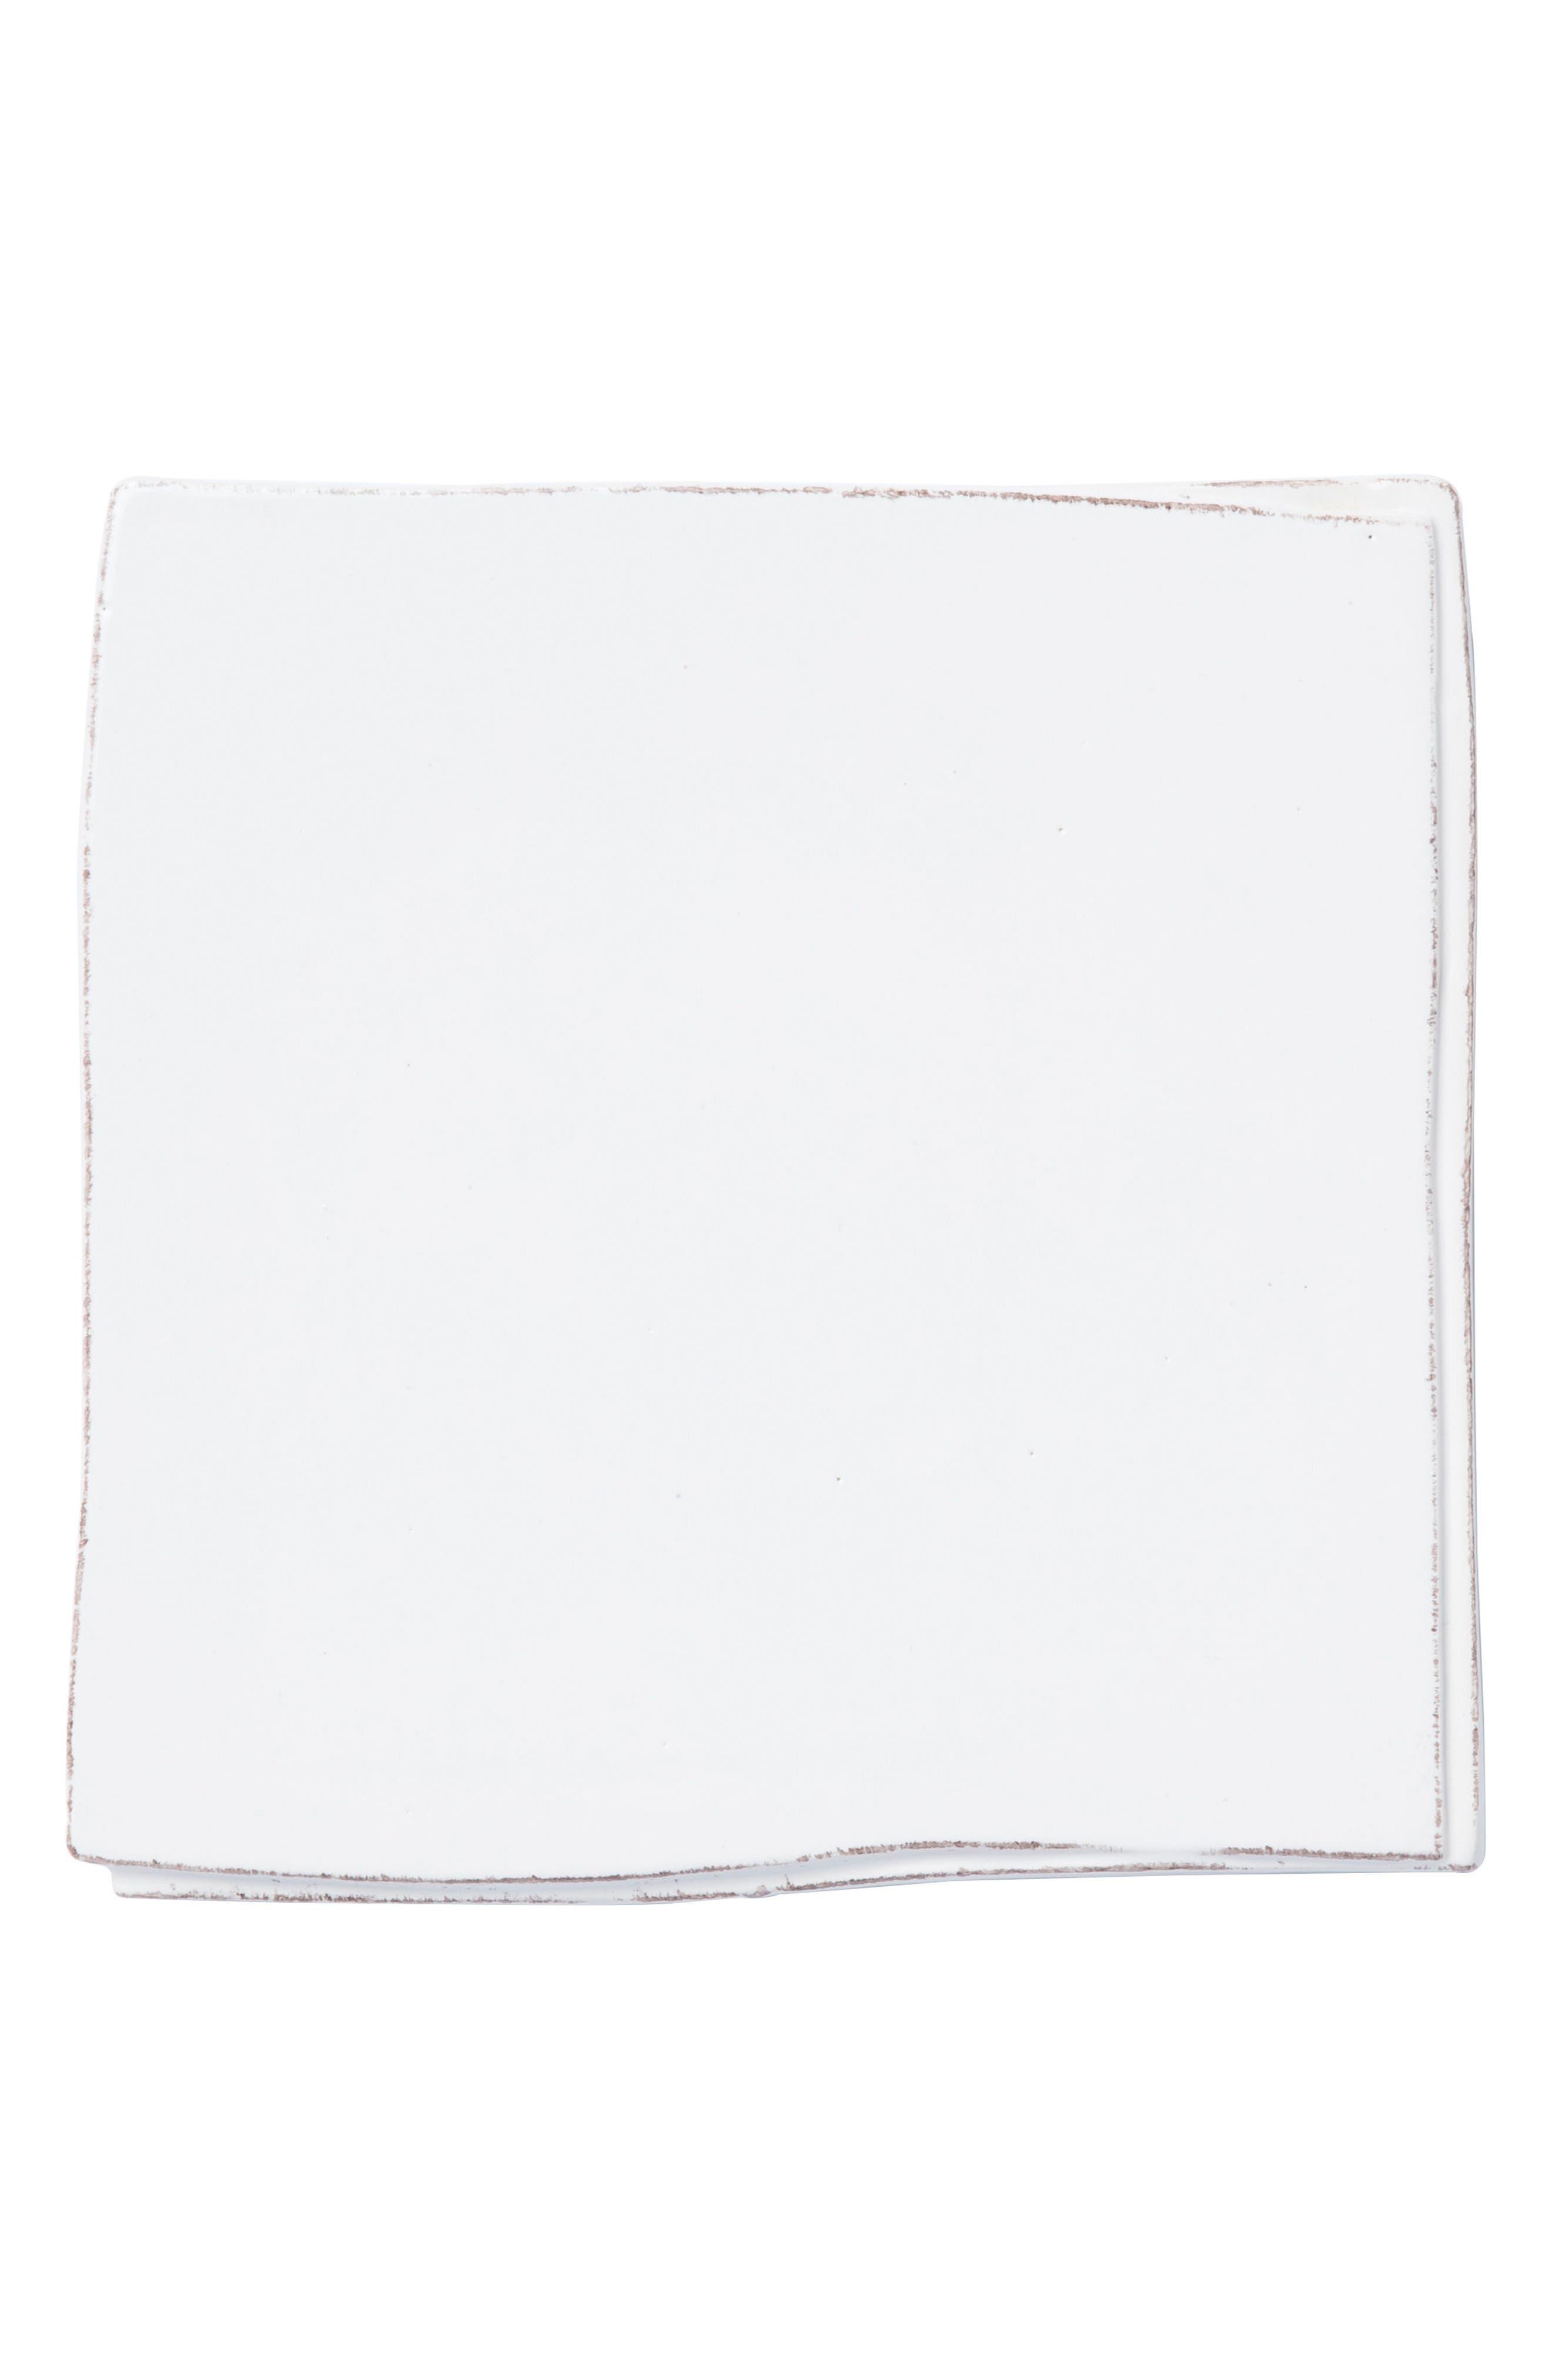 Lastra Stoneware Trivet,                             Main thumbnail 1, color,                             White